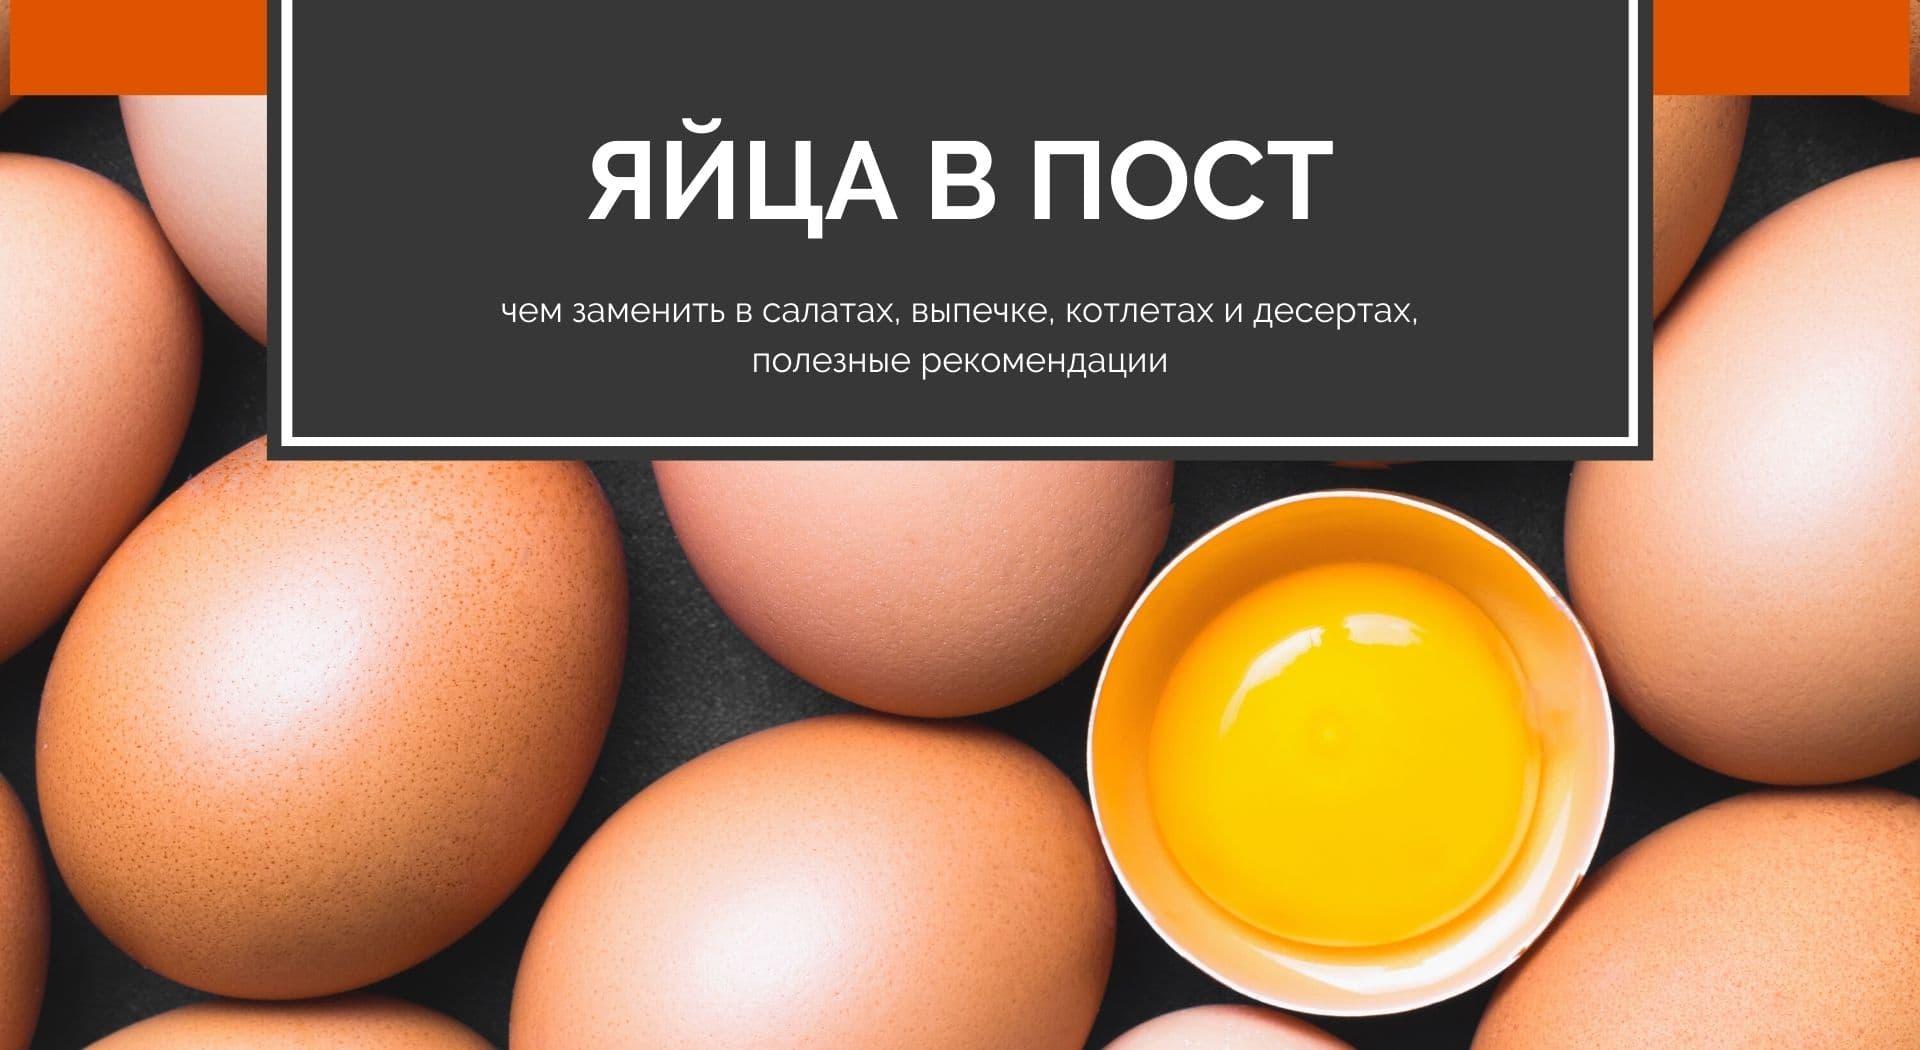 Яйца в пост: чем заменить в салатах, выпечке, котлетах и десертах, полезные рекомендации